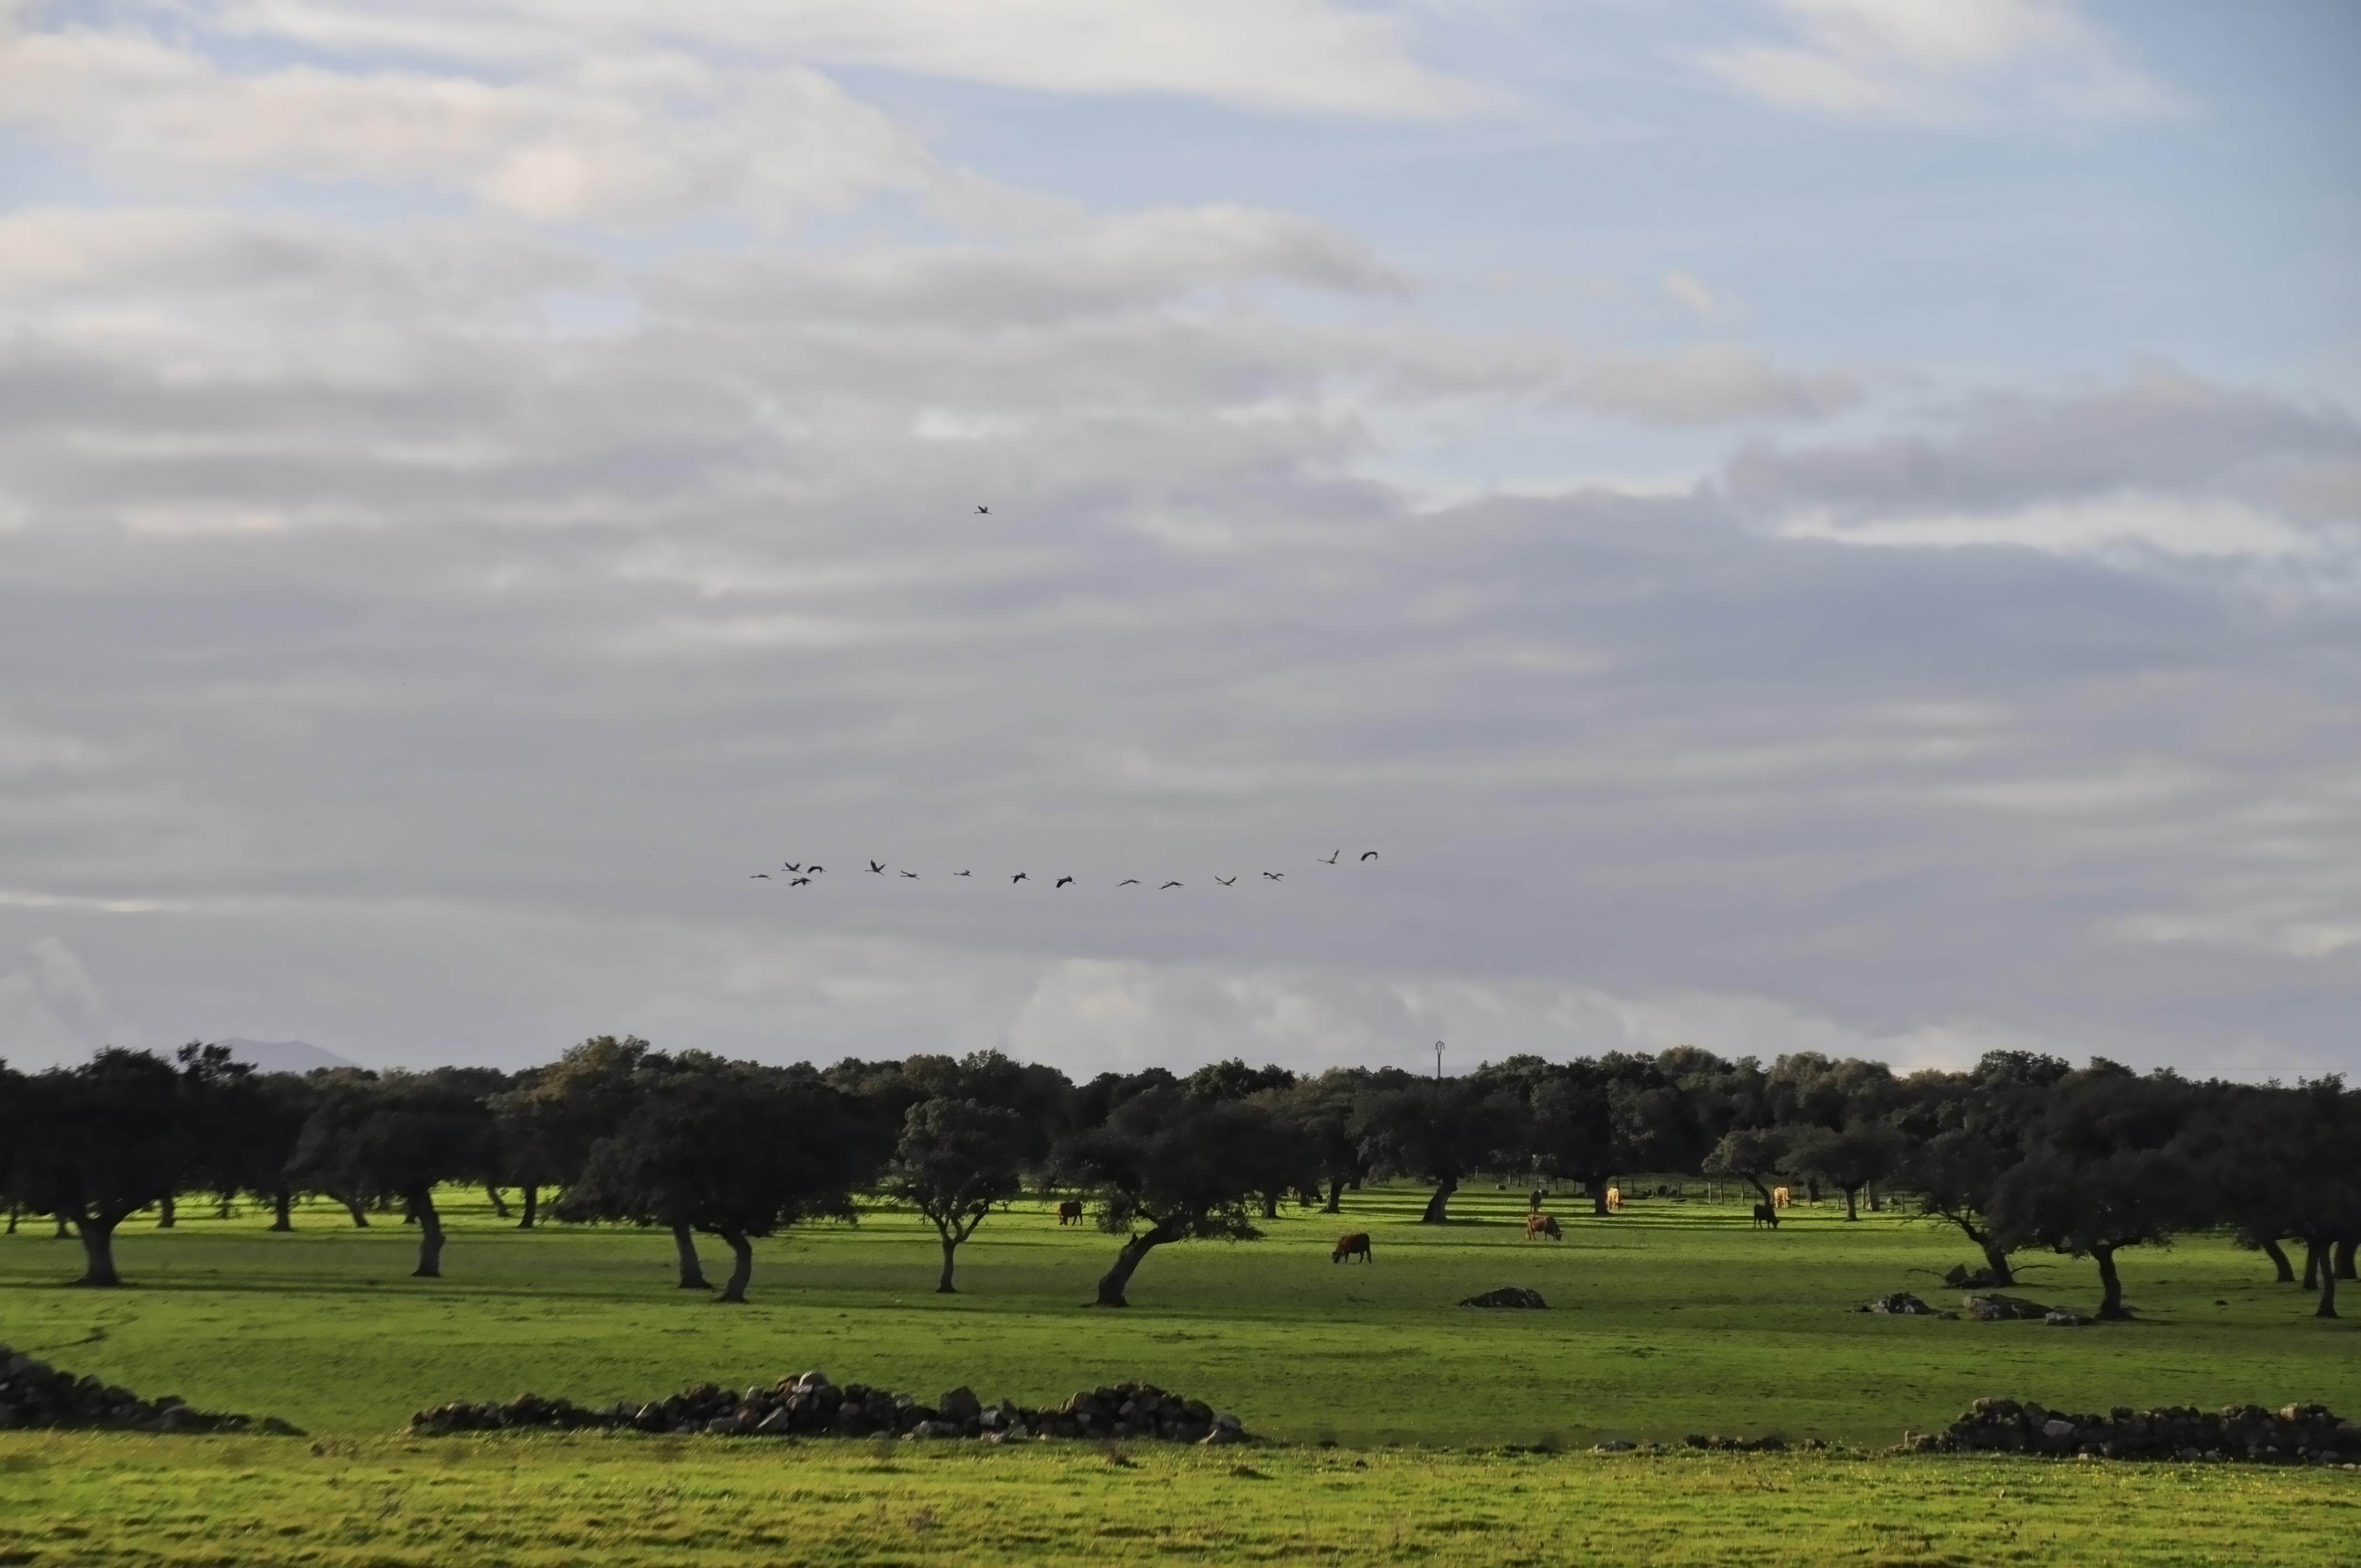 Grullas y Vacas, Árboles, Aves, Field, Grassland, HQ Photo